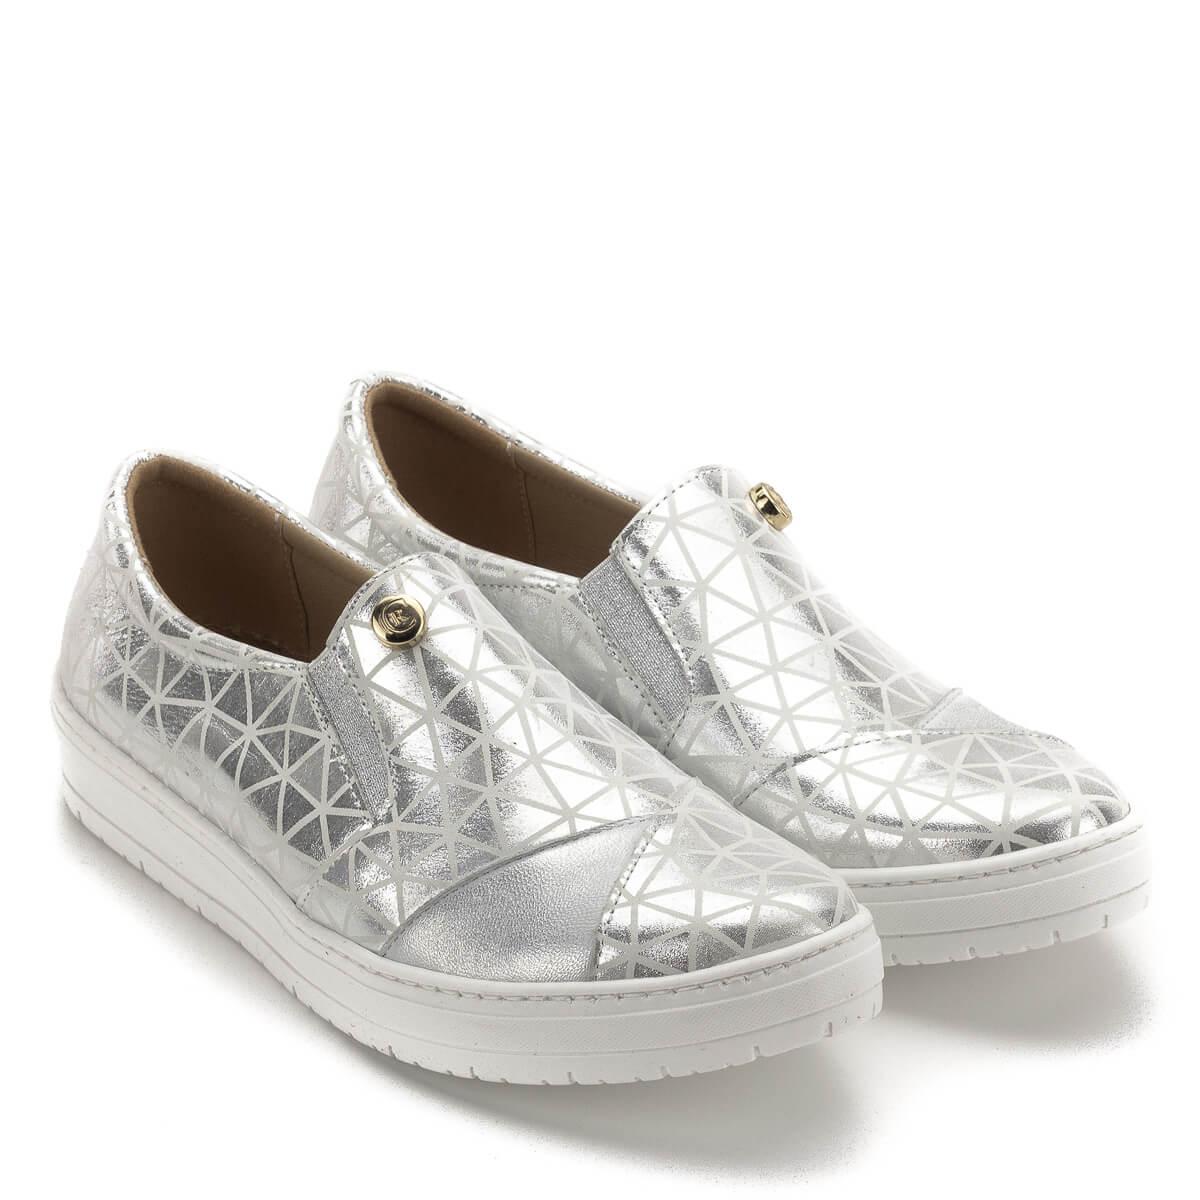 6cb06774ce Carla Ricci cipő, lábfejen zárt, gumi betéttel. Ezüst színű bőrből, bőr  béléssel ...